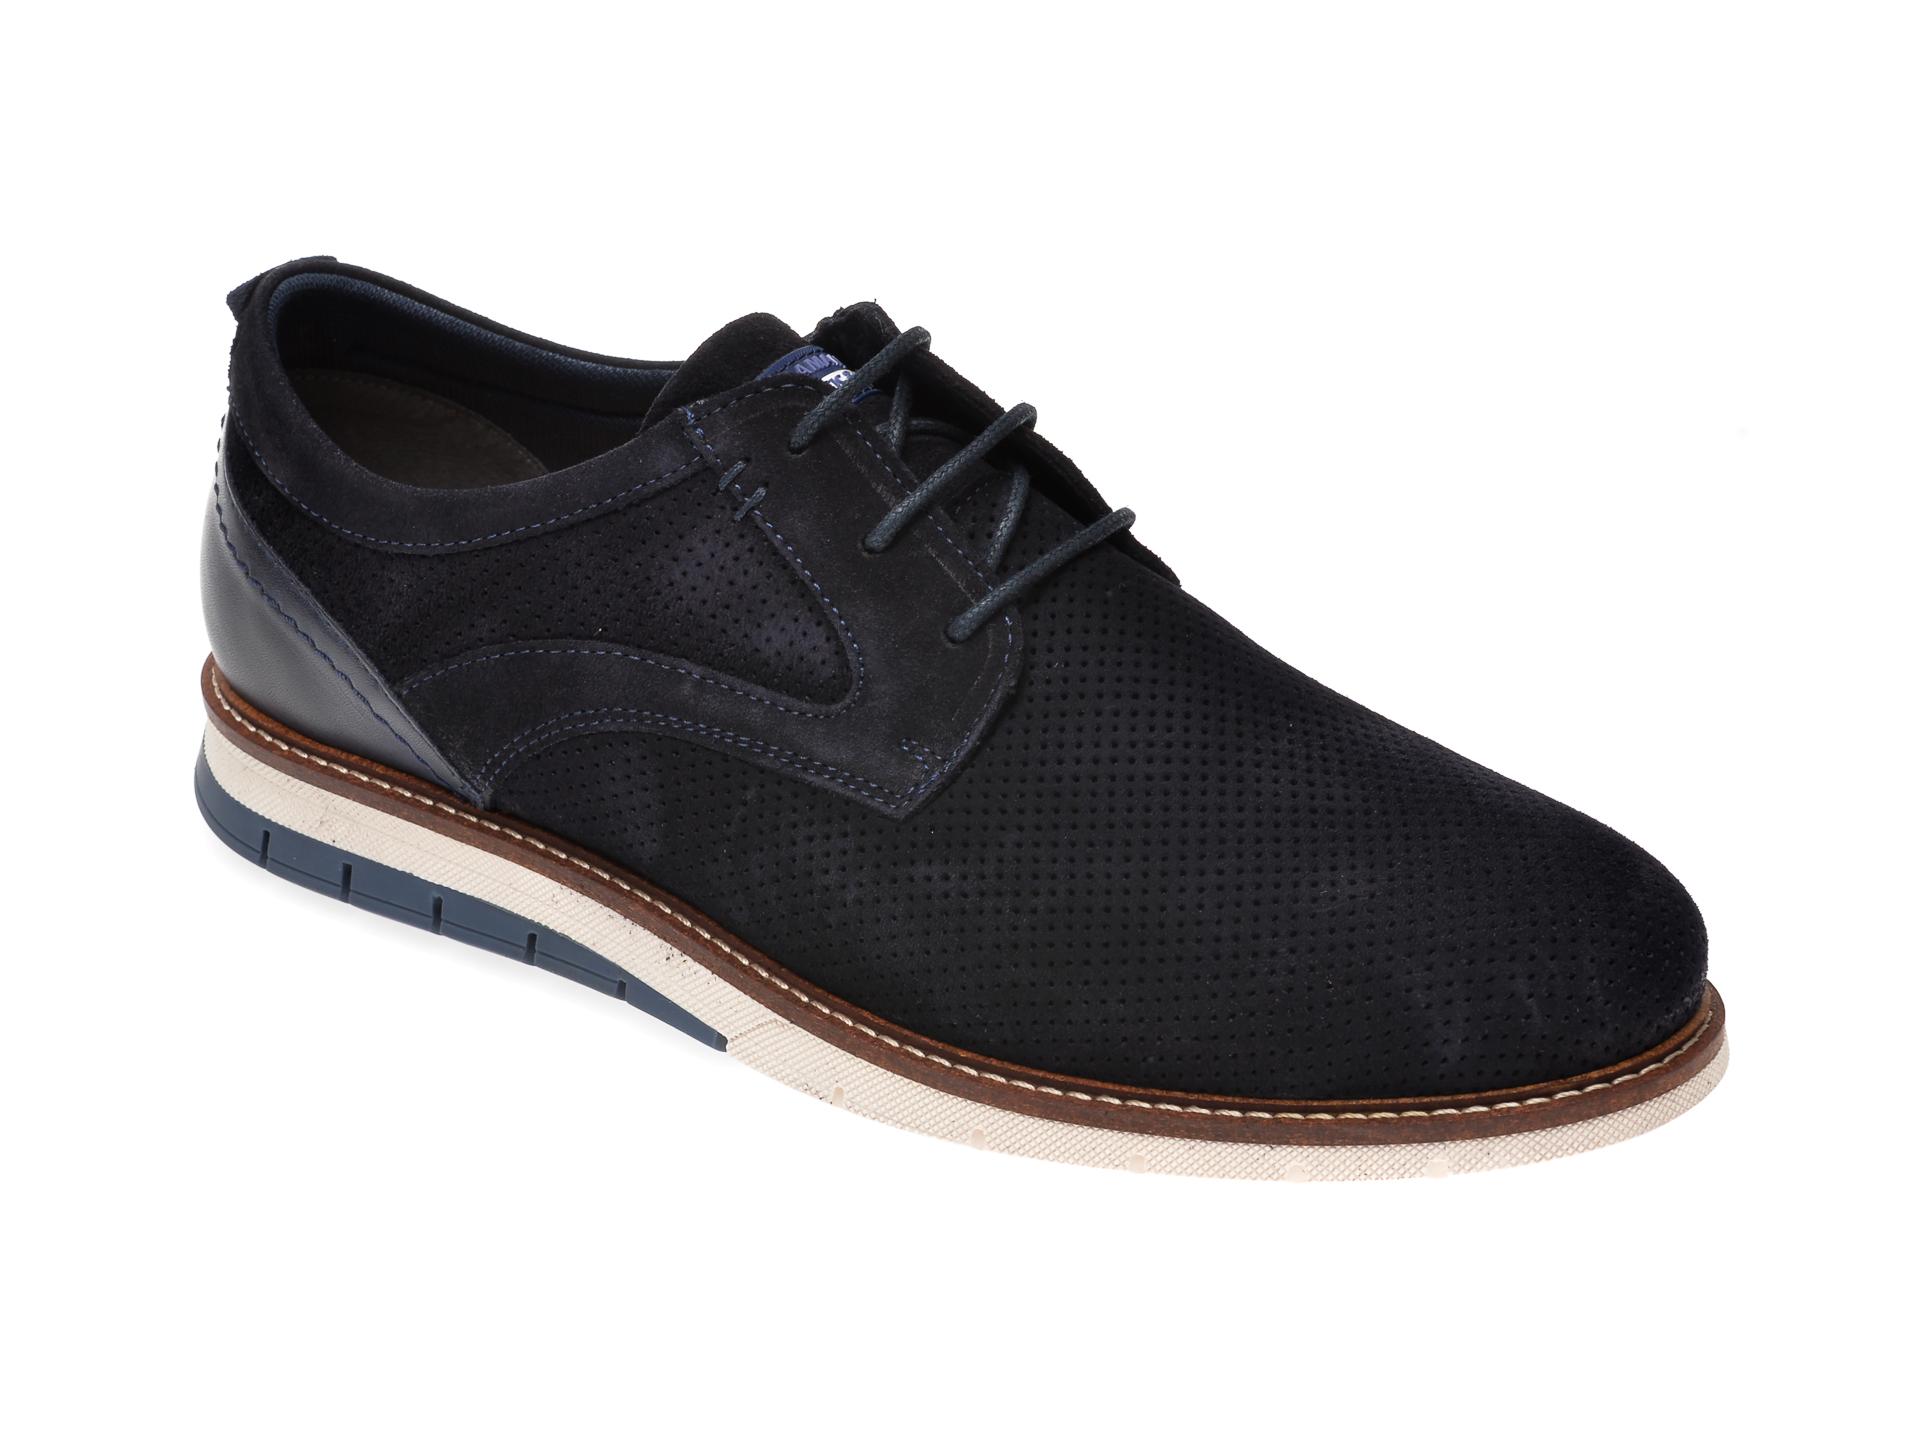 Pantofi SALAMANDER bleumarin, 56501, din piele intoarsa